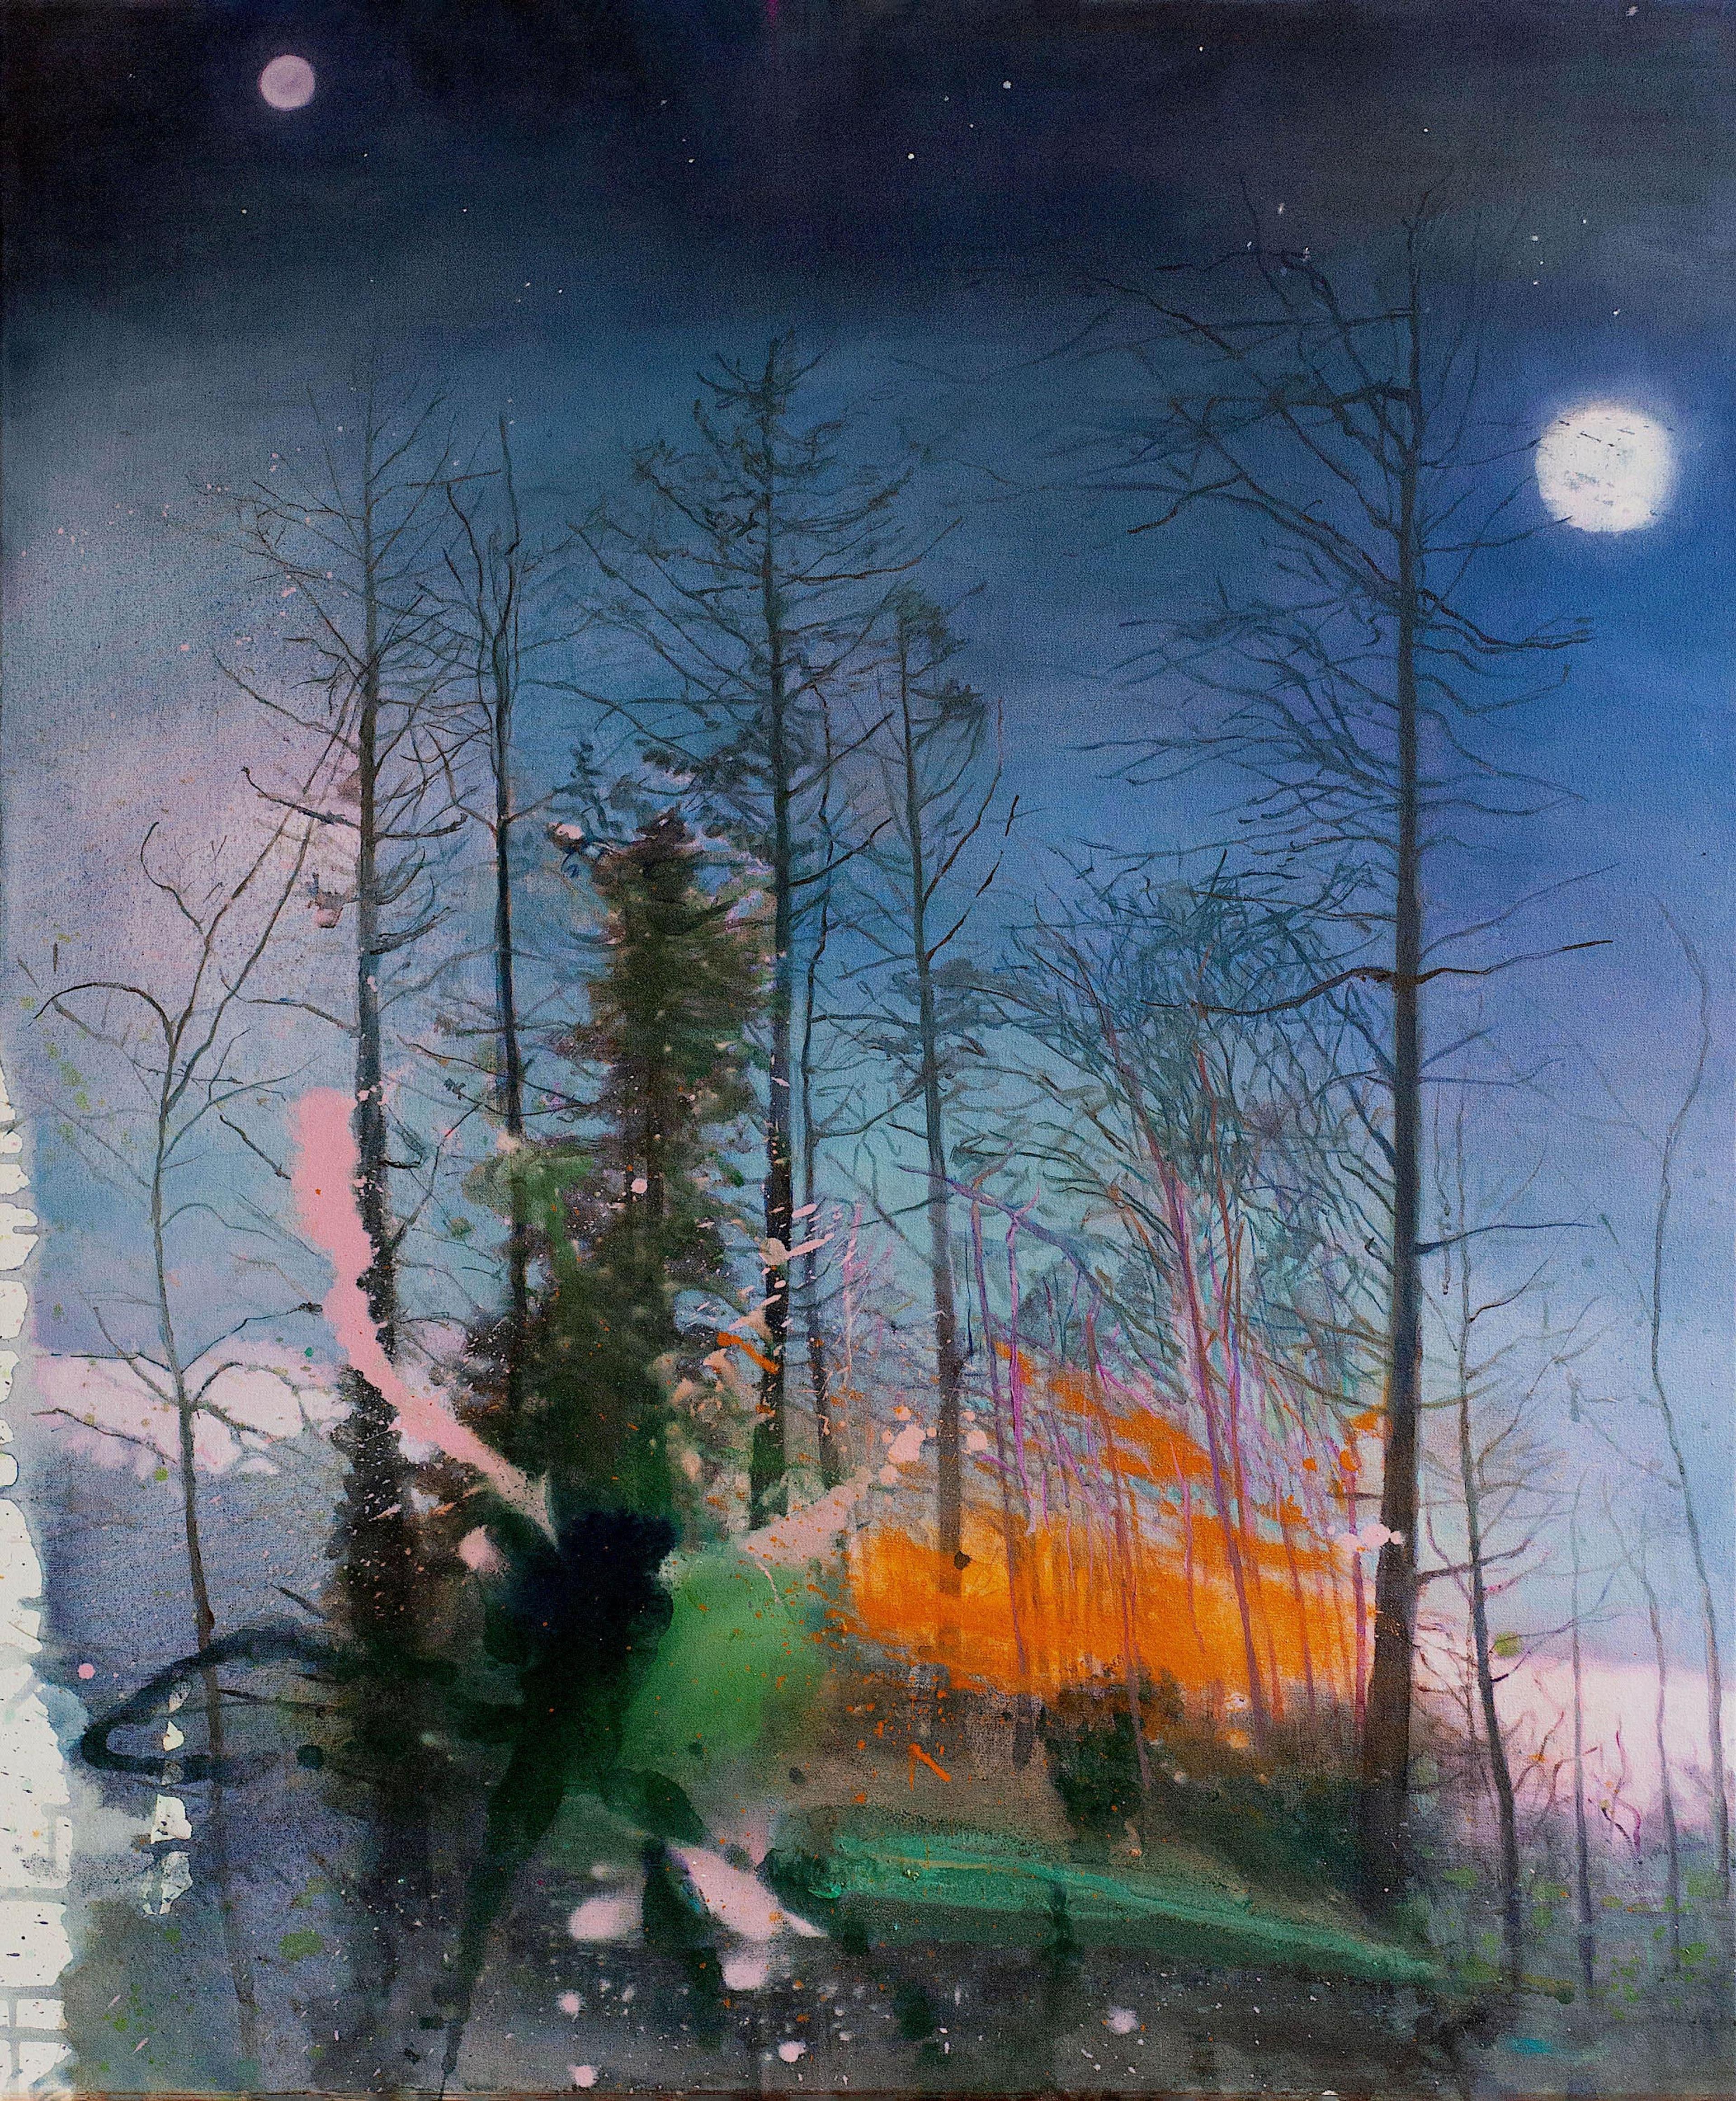 artwork Mondnacht by Birgit Klerch